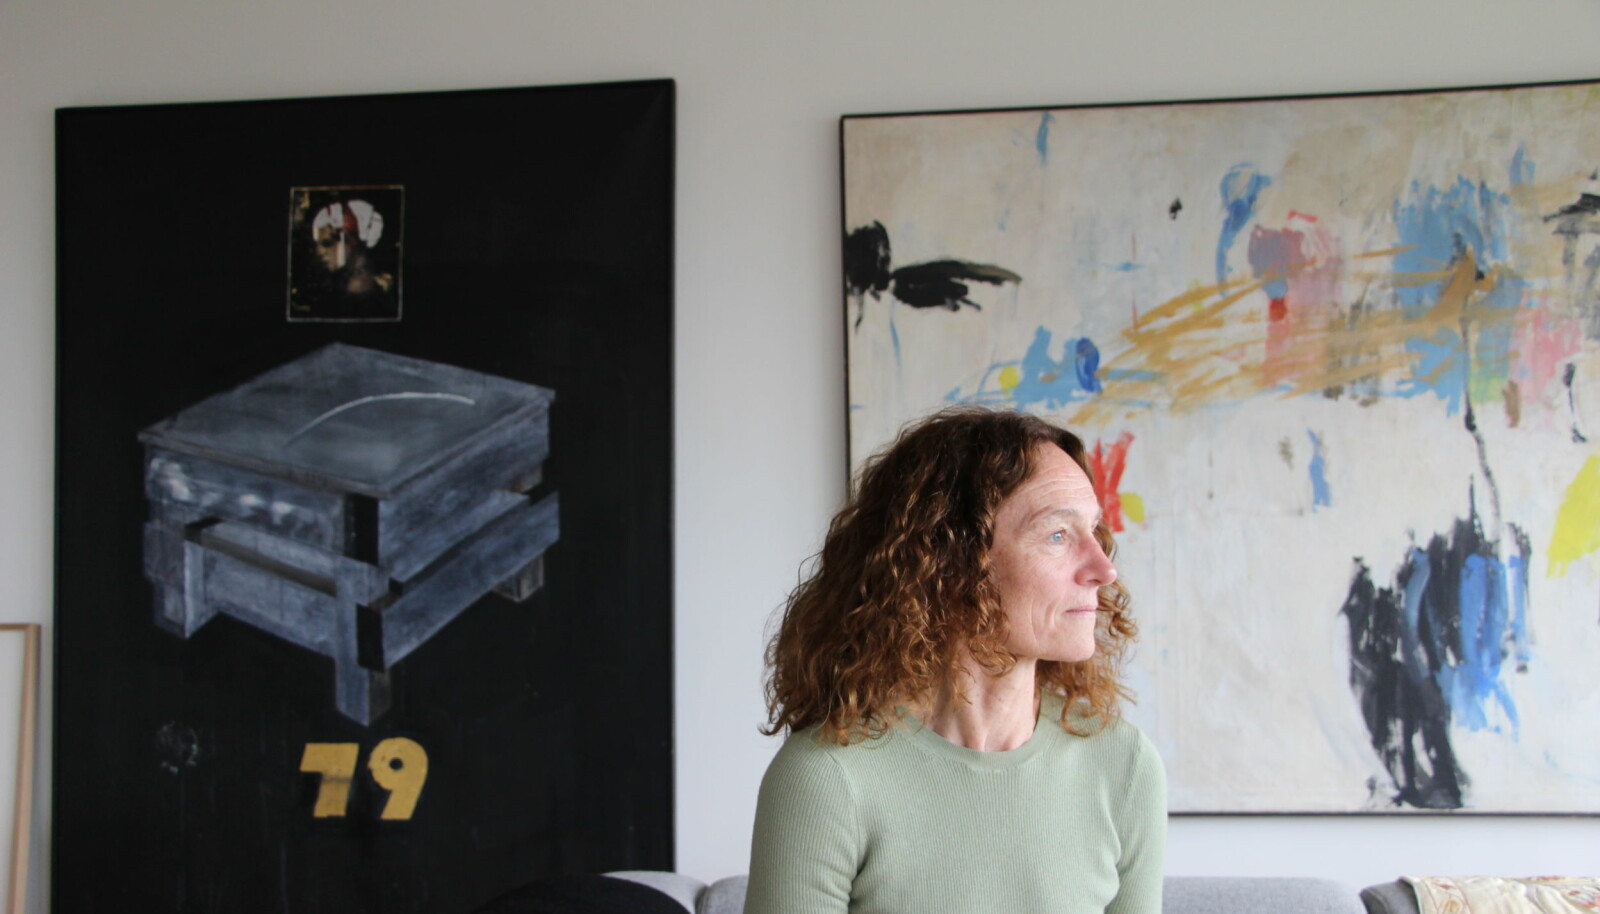 Som leder for FHI følger Camilla Stoltenberg alltid alle smitteverntiltakene, selv når de til tider kan virke absurde. Hun mener det er viktig at de som leder responsen, alltid er villige til å følge de reglene de pålegger andre.